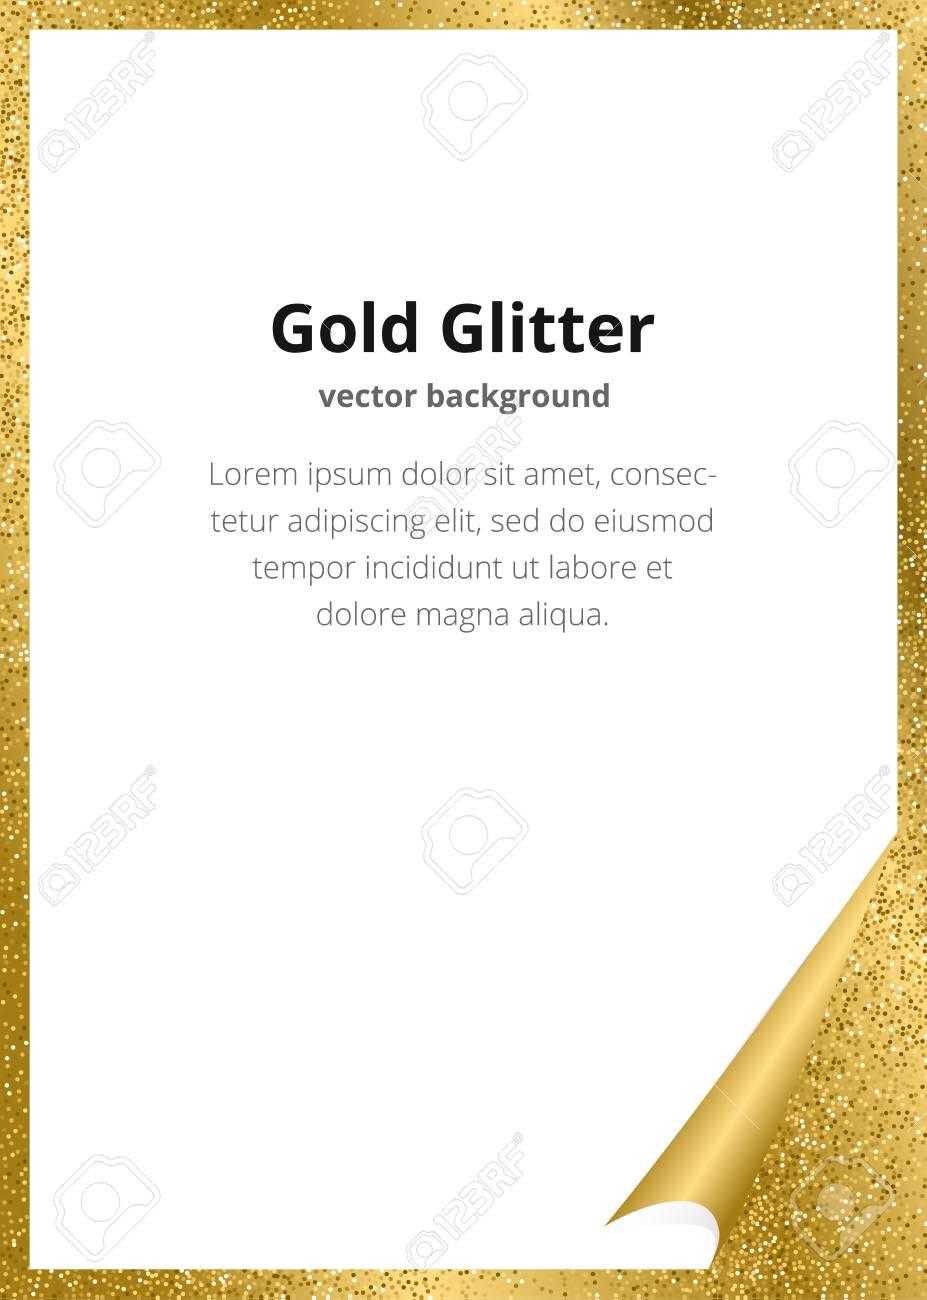 Plantilla Para Guardar La Fecha Fiesta De Cumpleaños U Otra Invitación Con Fondo De Oro Diseño De Tarjeta De Glitter Dorado Plantilla De Diseño